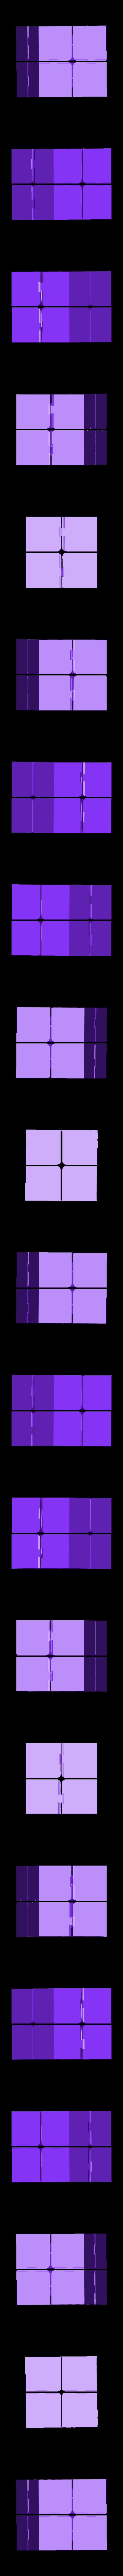 fidget_star_multi_color_inside.STL Télécharger fichier STL gratuit Fidget étoile multicolore • Plan à imprimer en 3D, MosaicManufacturing